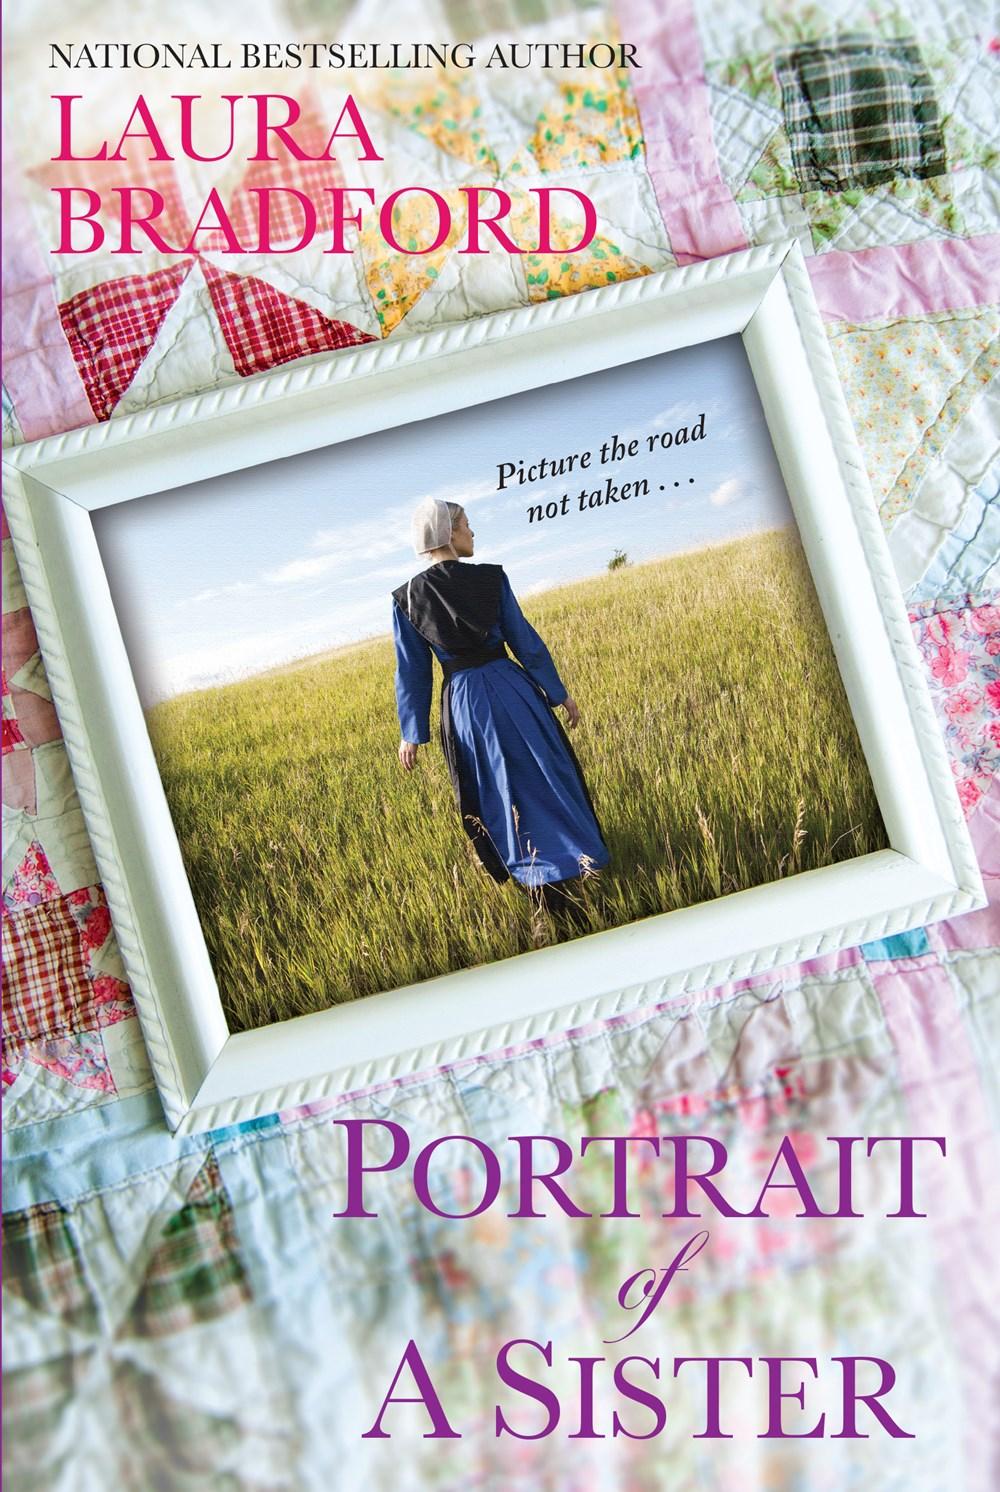 portriatofasister.jpg